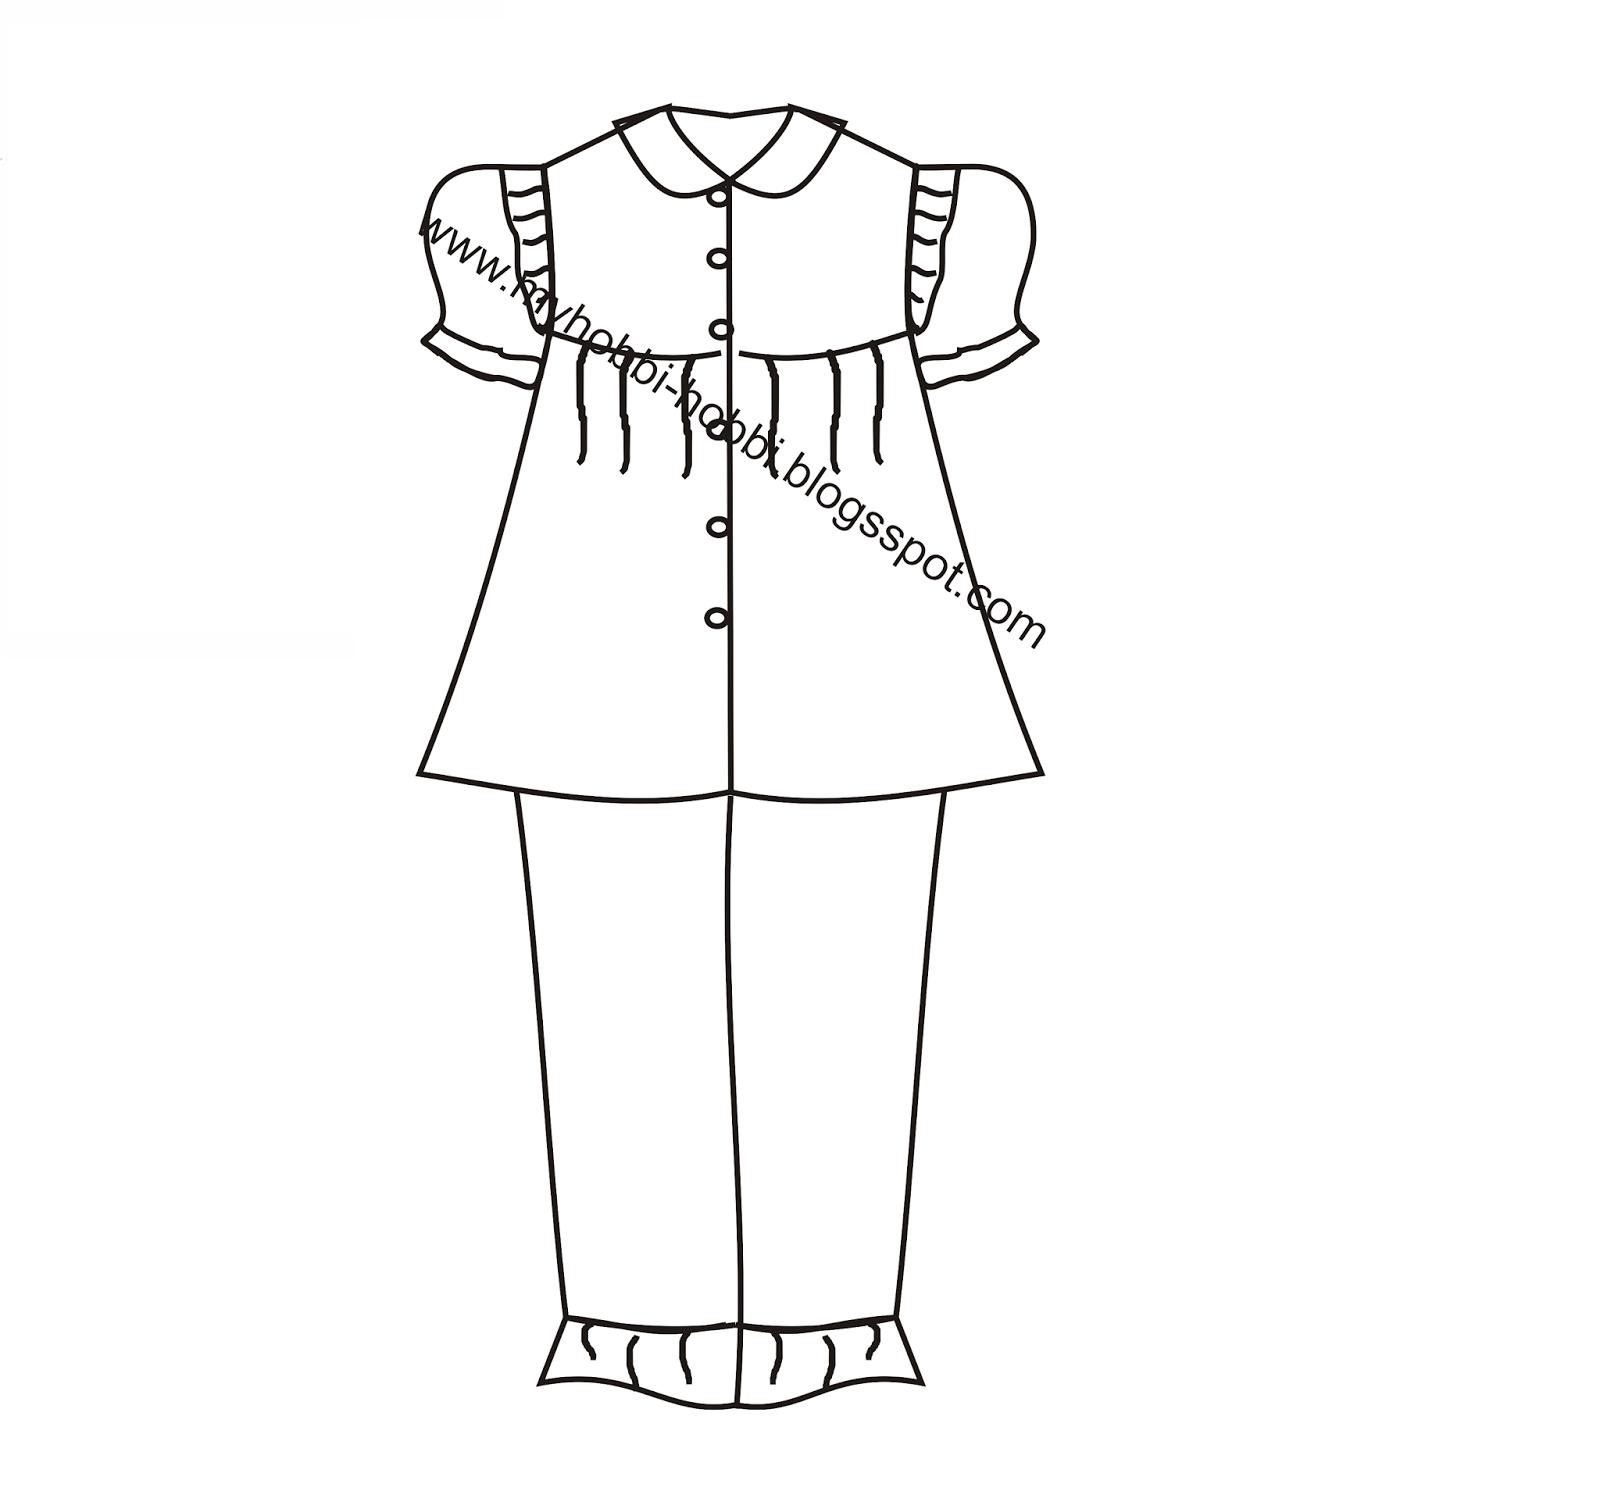 Mewarnai Gambar Baju Anak Laki Laki Zona Ilmu 5